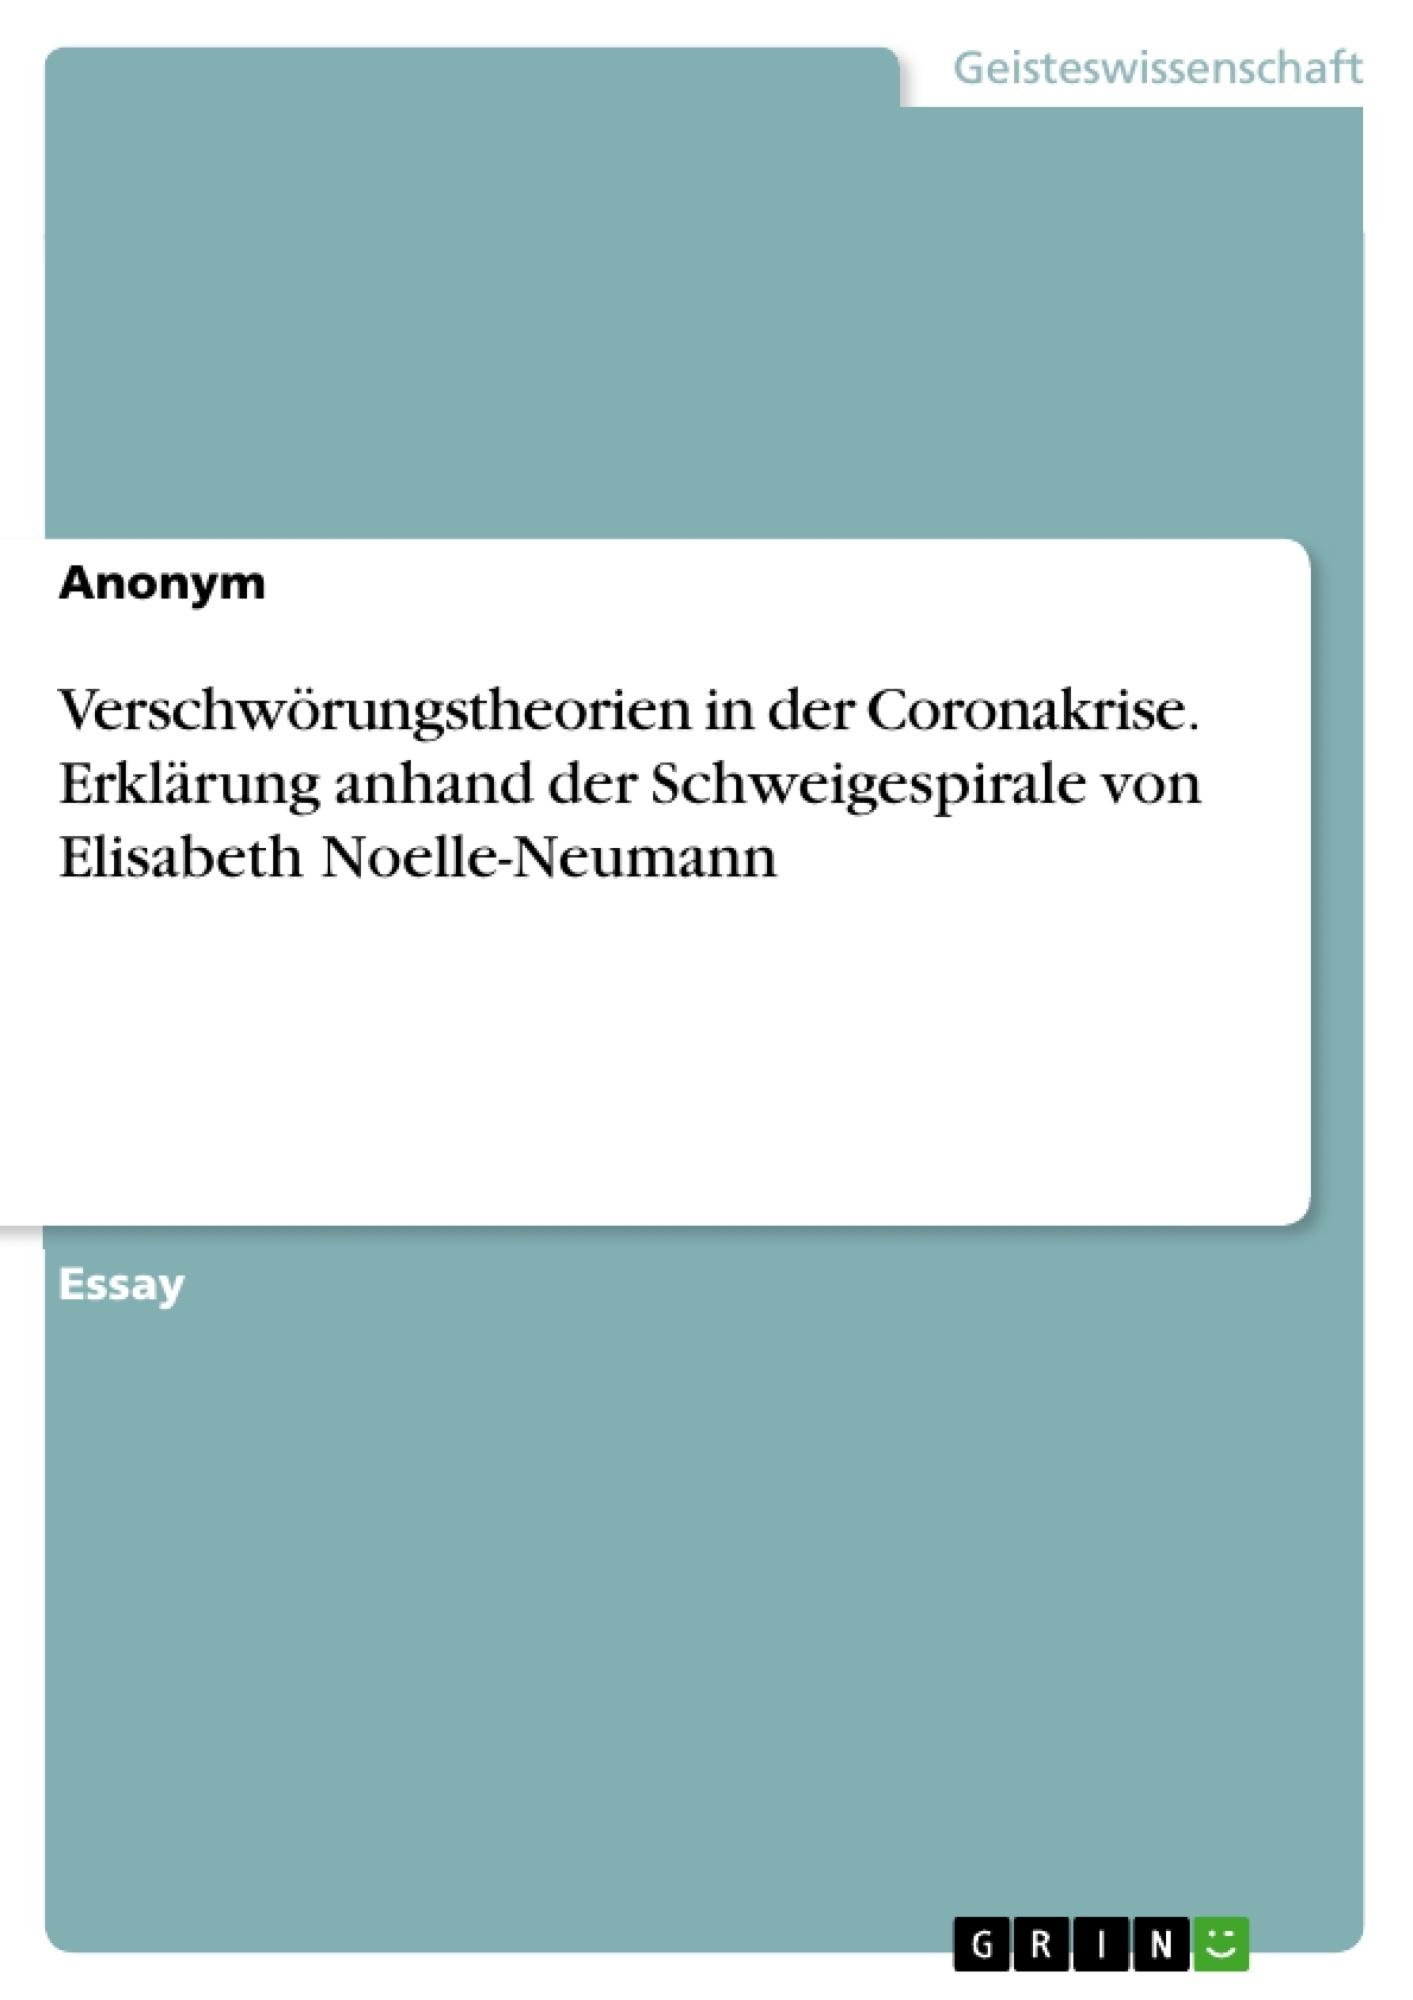 Titel: Verschwörungstheorien in der Coronakrise. Erklärung anhand der Schweigespirale von Elisabeth Noelle-Neumann